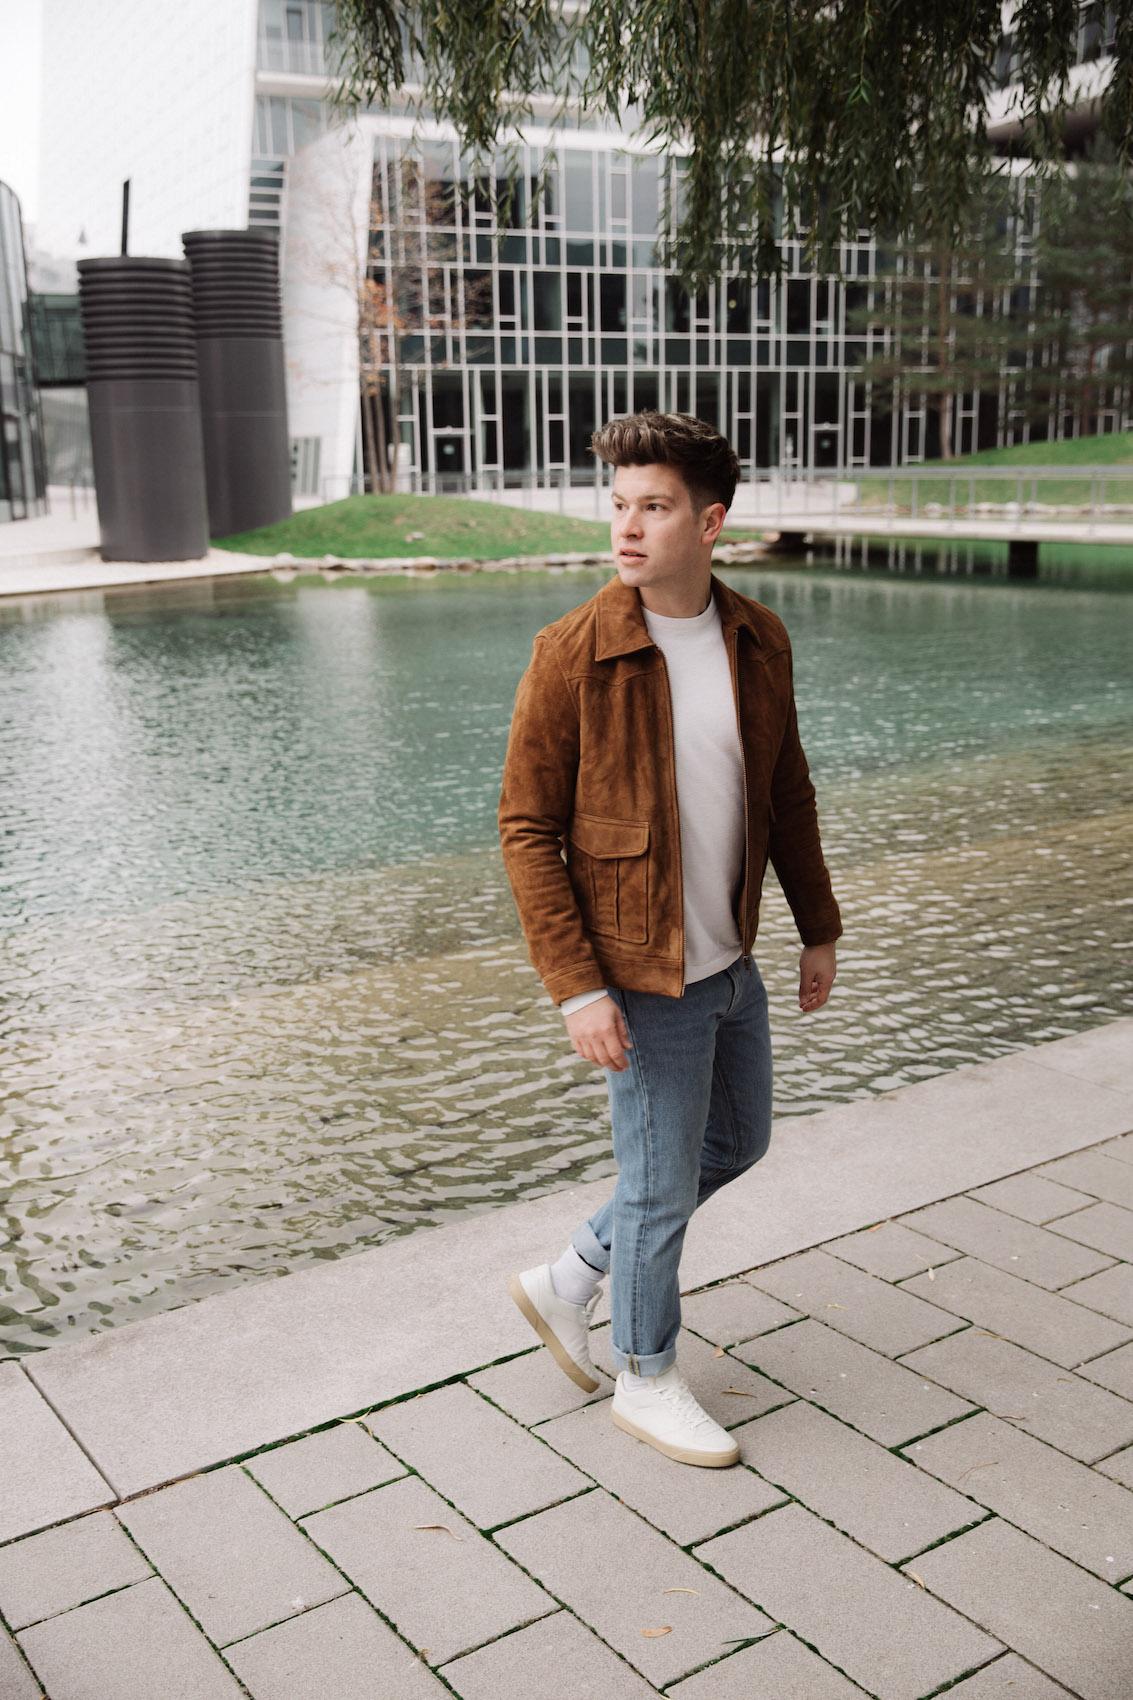 weekday Herbstoutfit Wildlederjacke 90er Jahre Jeans und Stickpulli Outfitpost von Meanwhile in Awesometown - Wiener Männermode und Lifestyle Blogger5